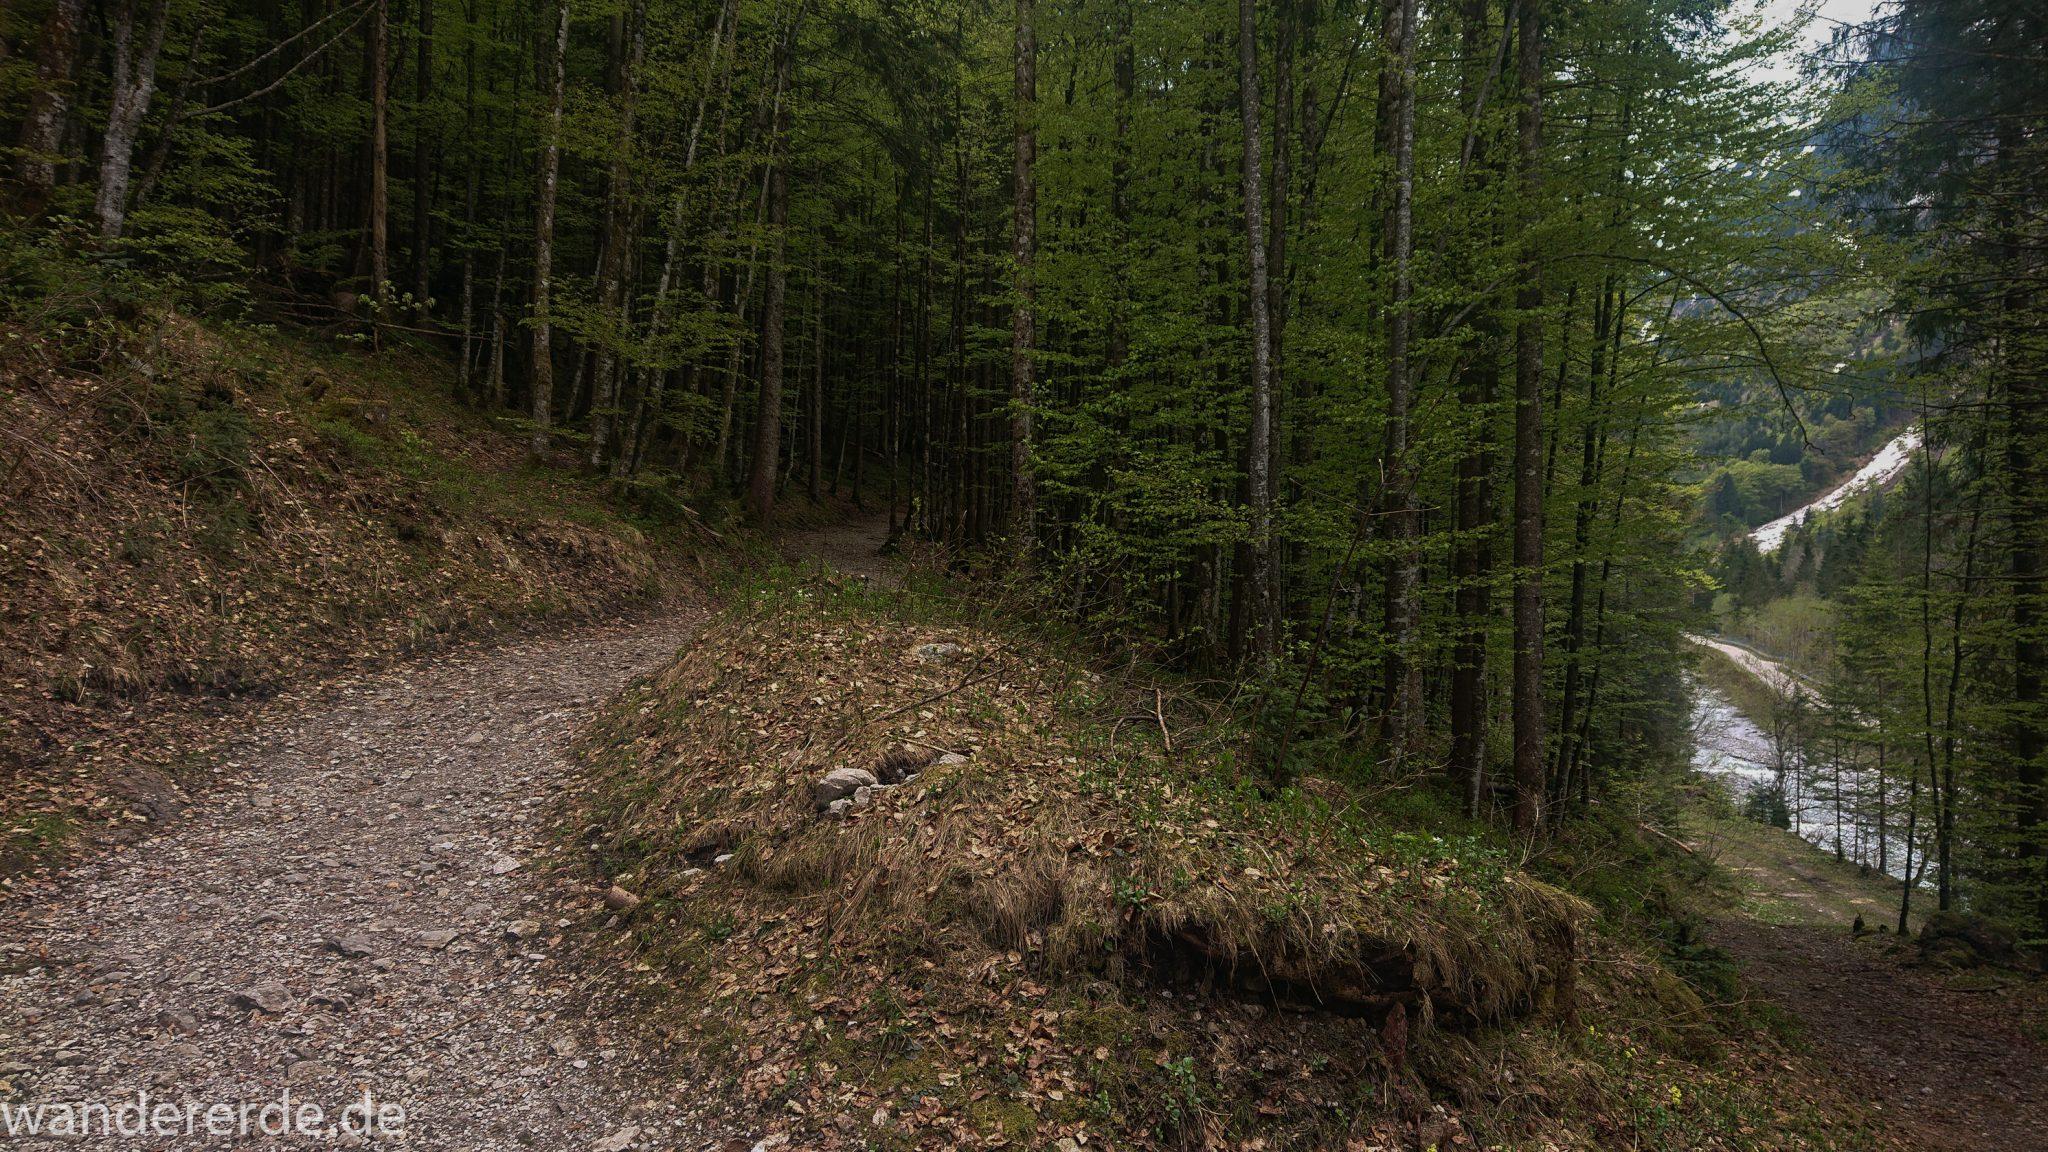 Wanderung Oberstdorf nach Gerstruben im Allgäu, Bayern, Wanderweg Rautweg führt durch schönen dichten Wald